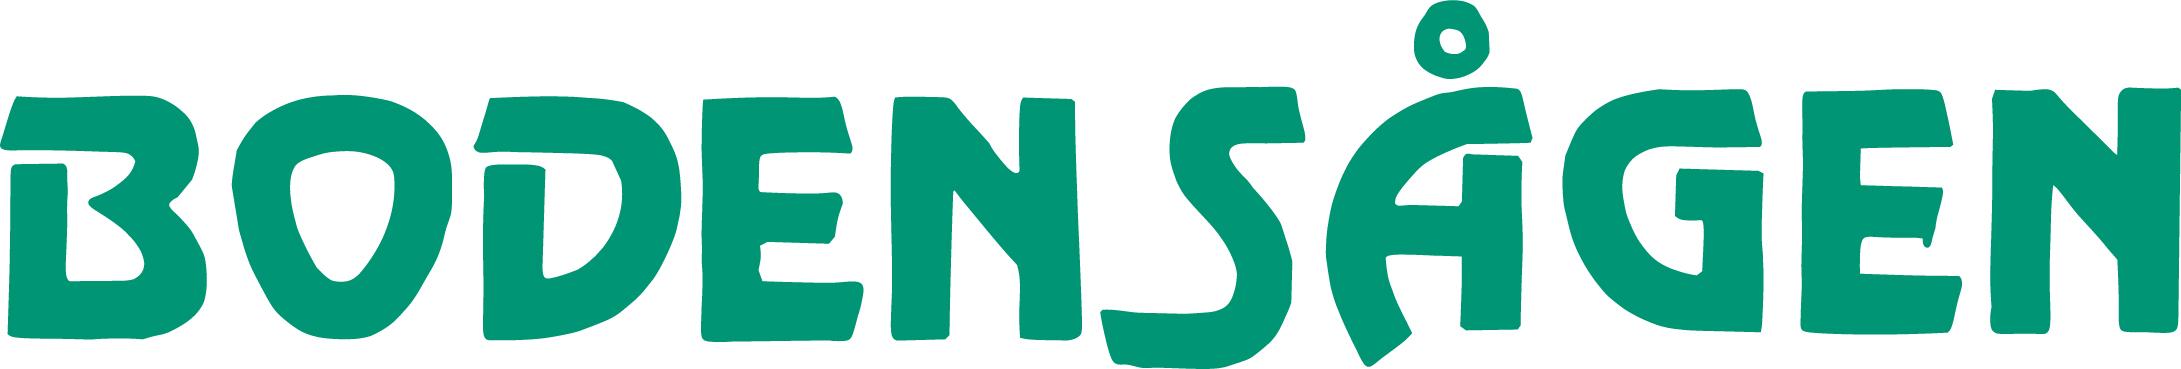 Bodensågen logotyp